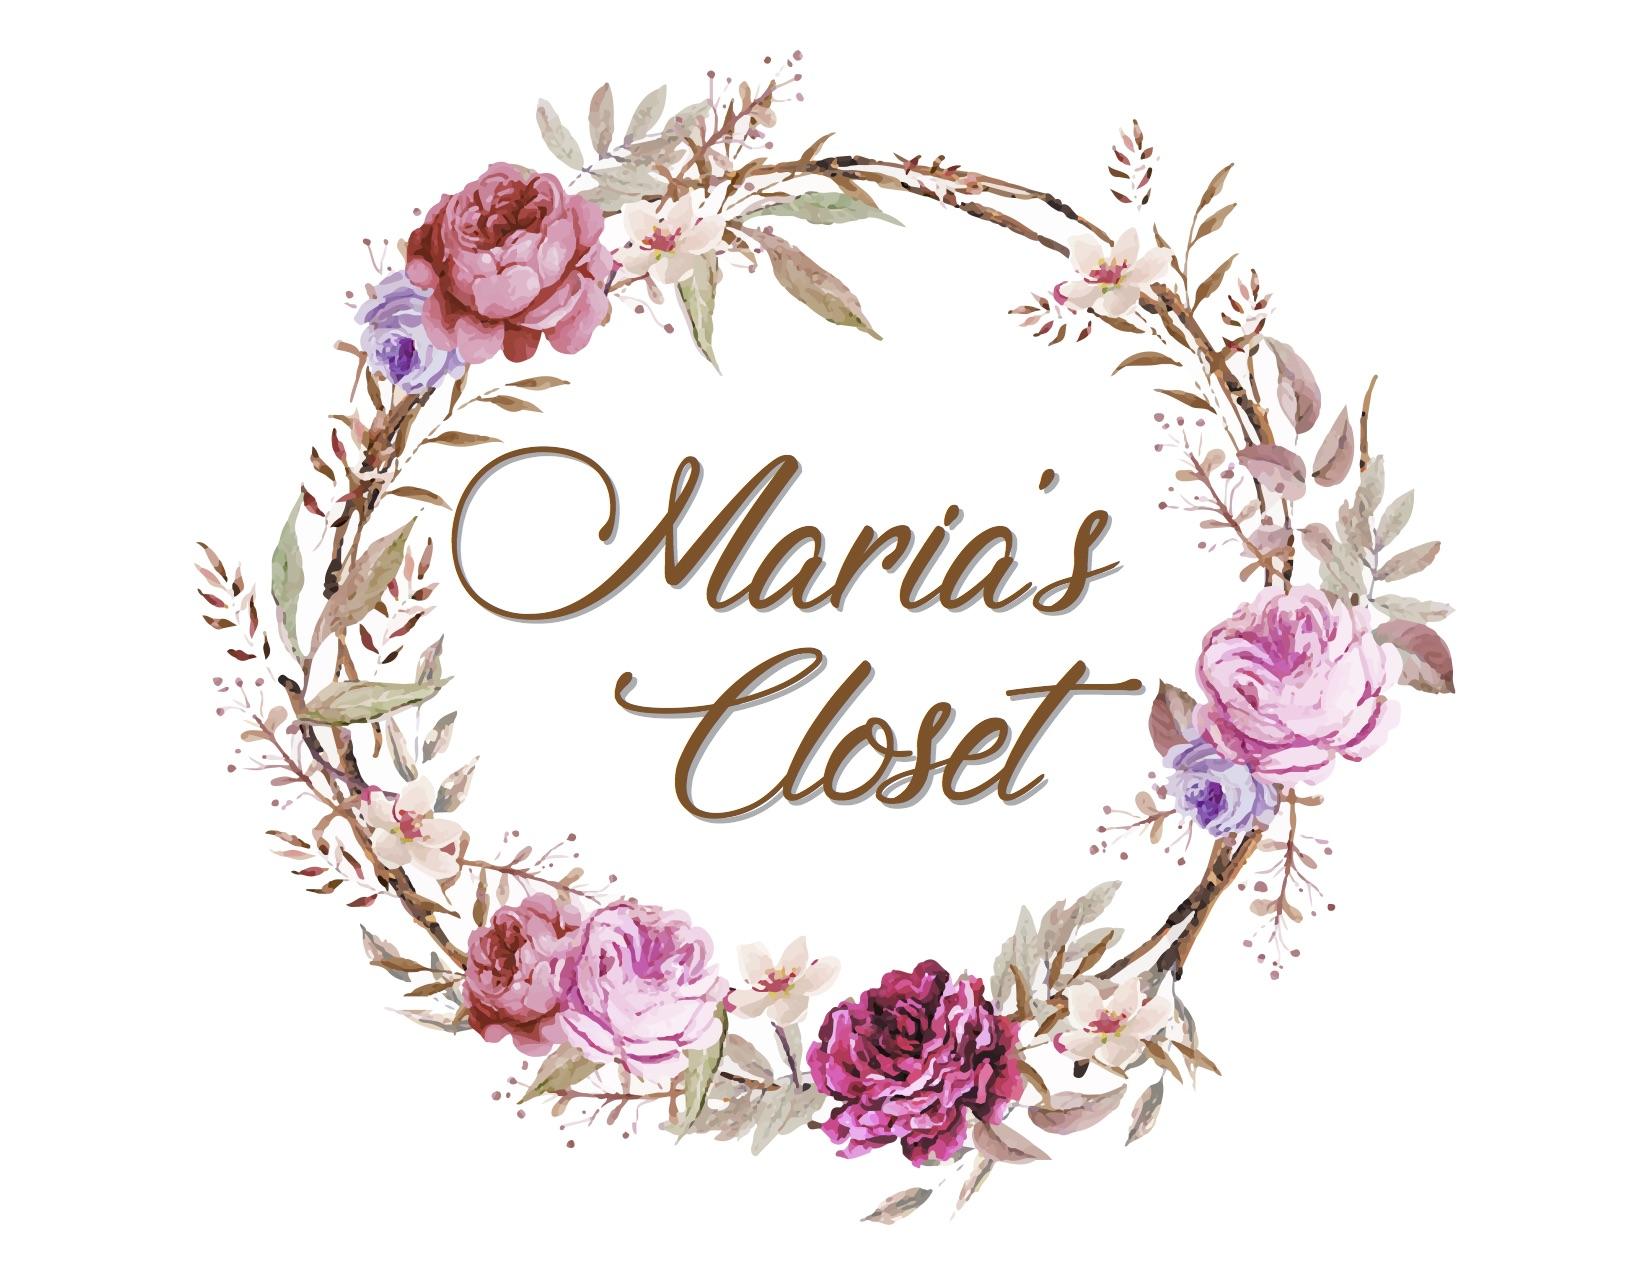 Maria'sCloset